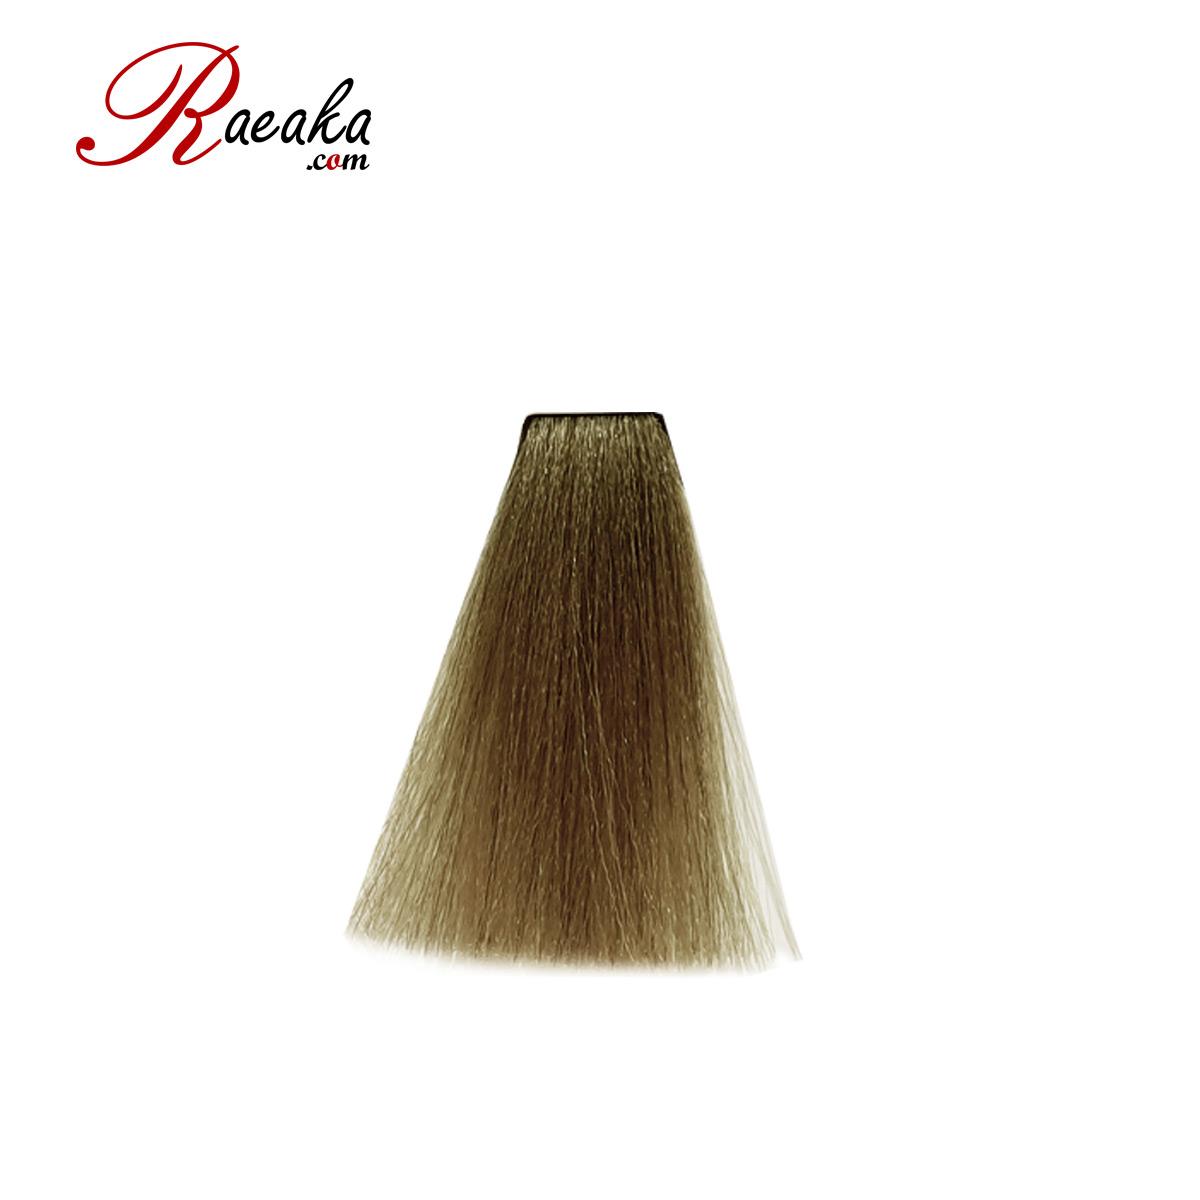 رنگ مو دوشس سری هلویی شماره 13-6 حجم 125 میلی لیتر